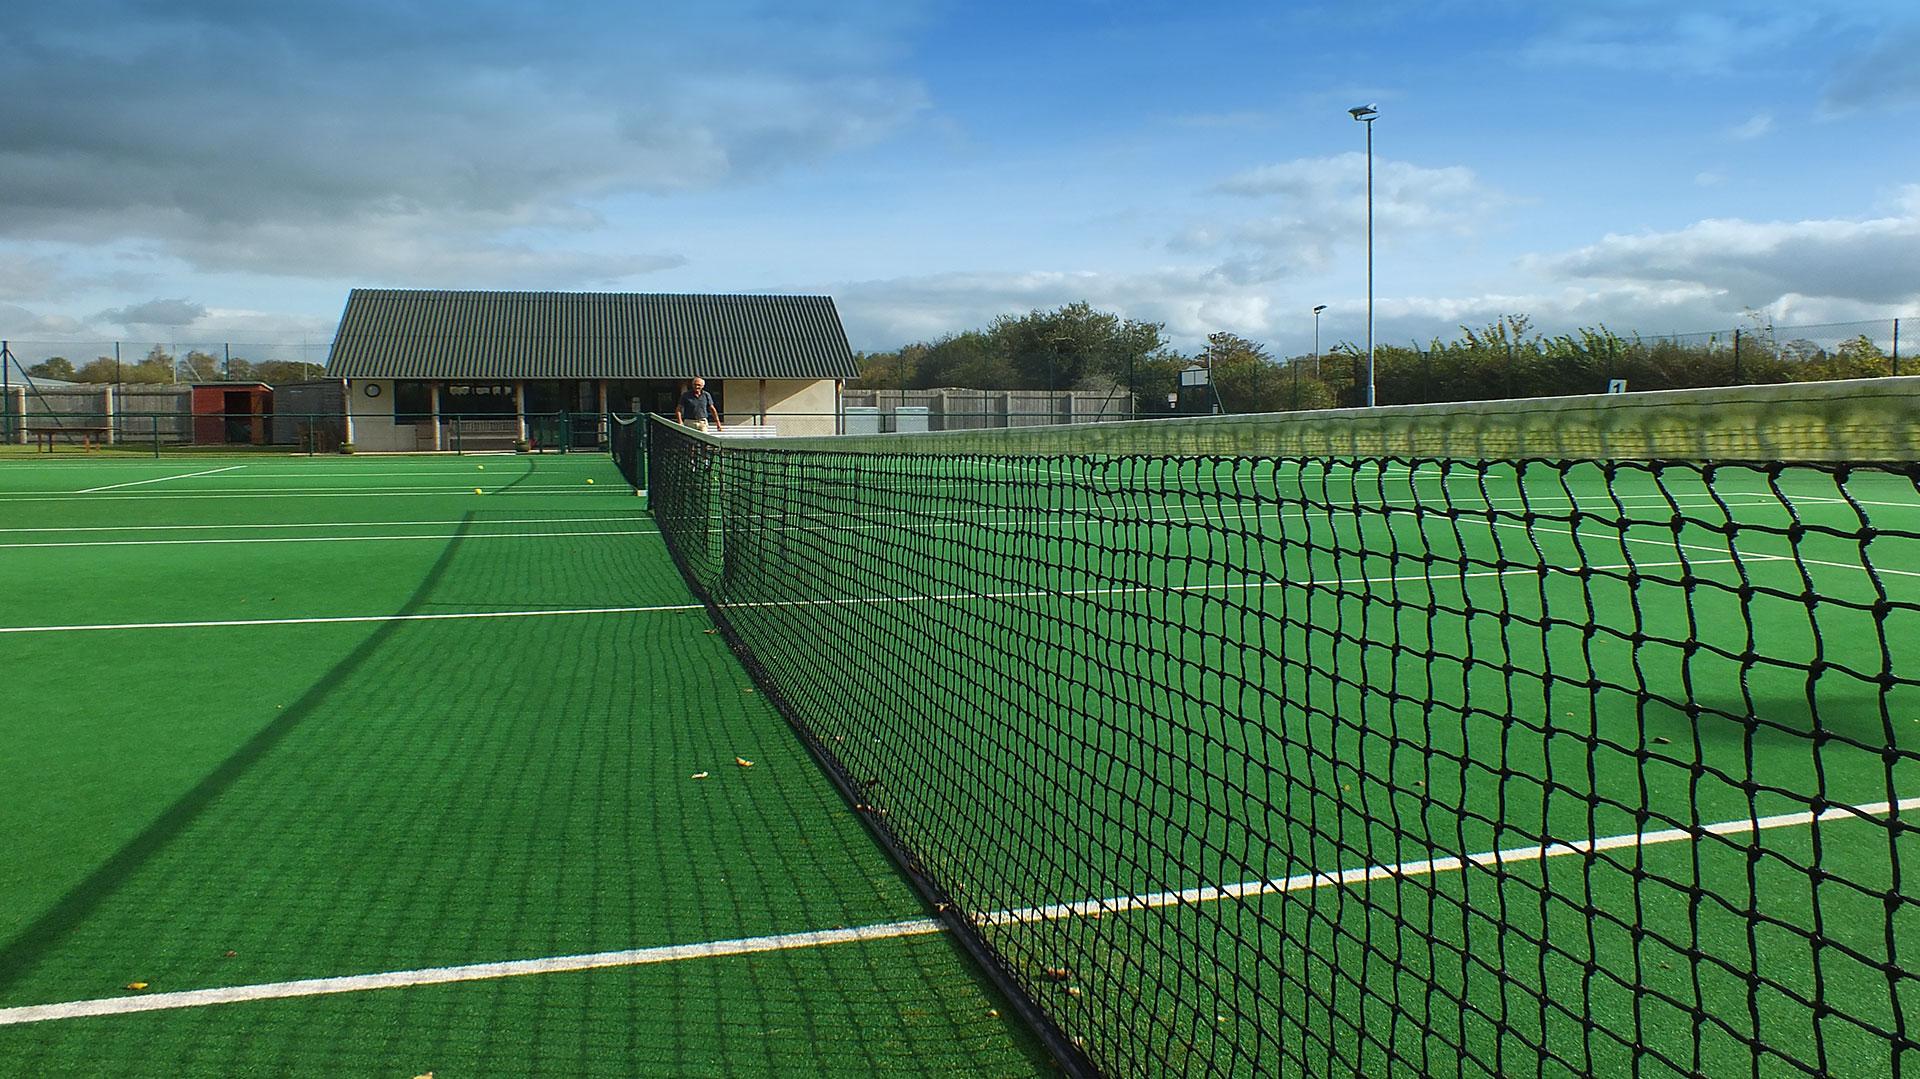 Wedmore Tennis Club